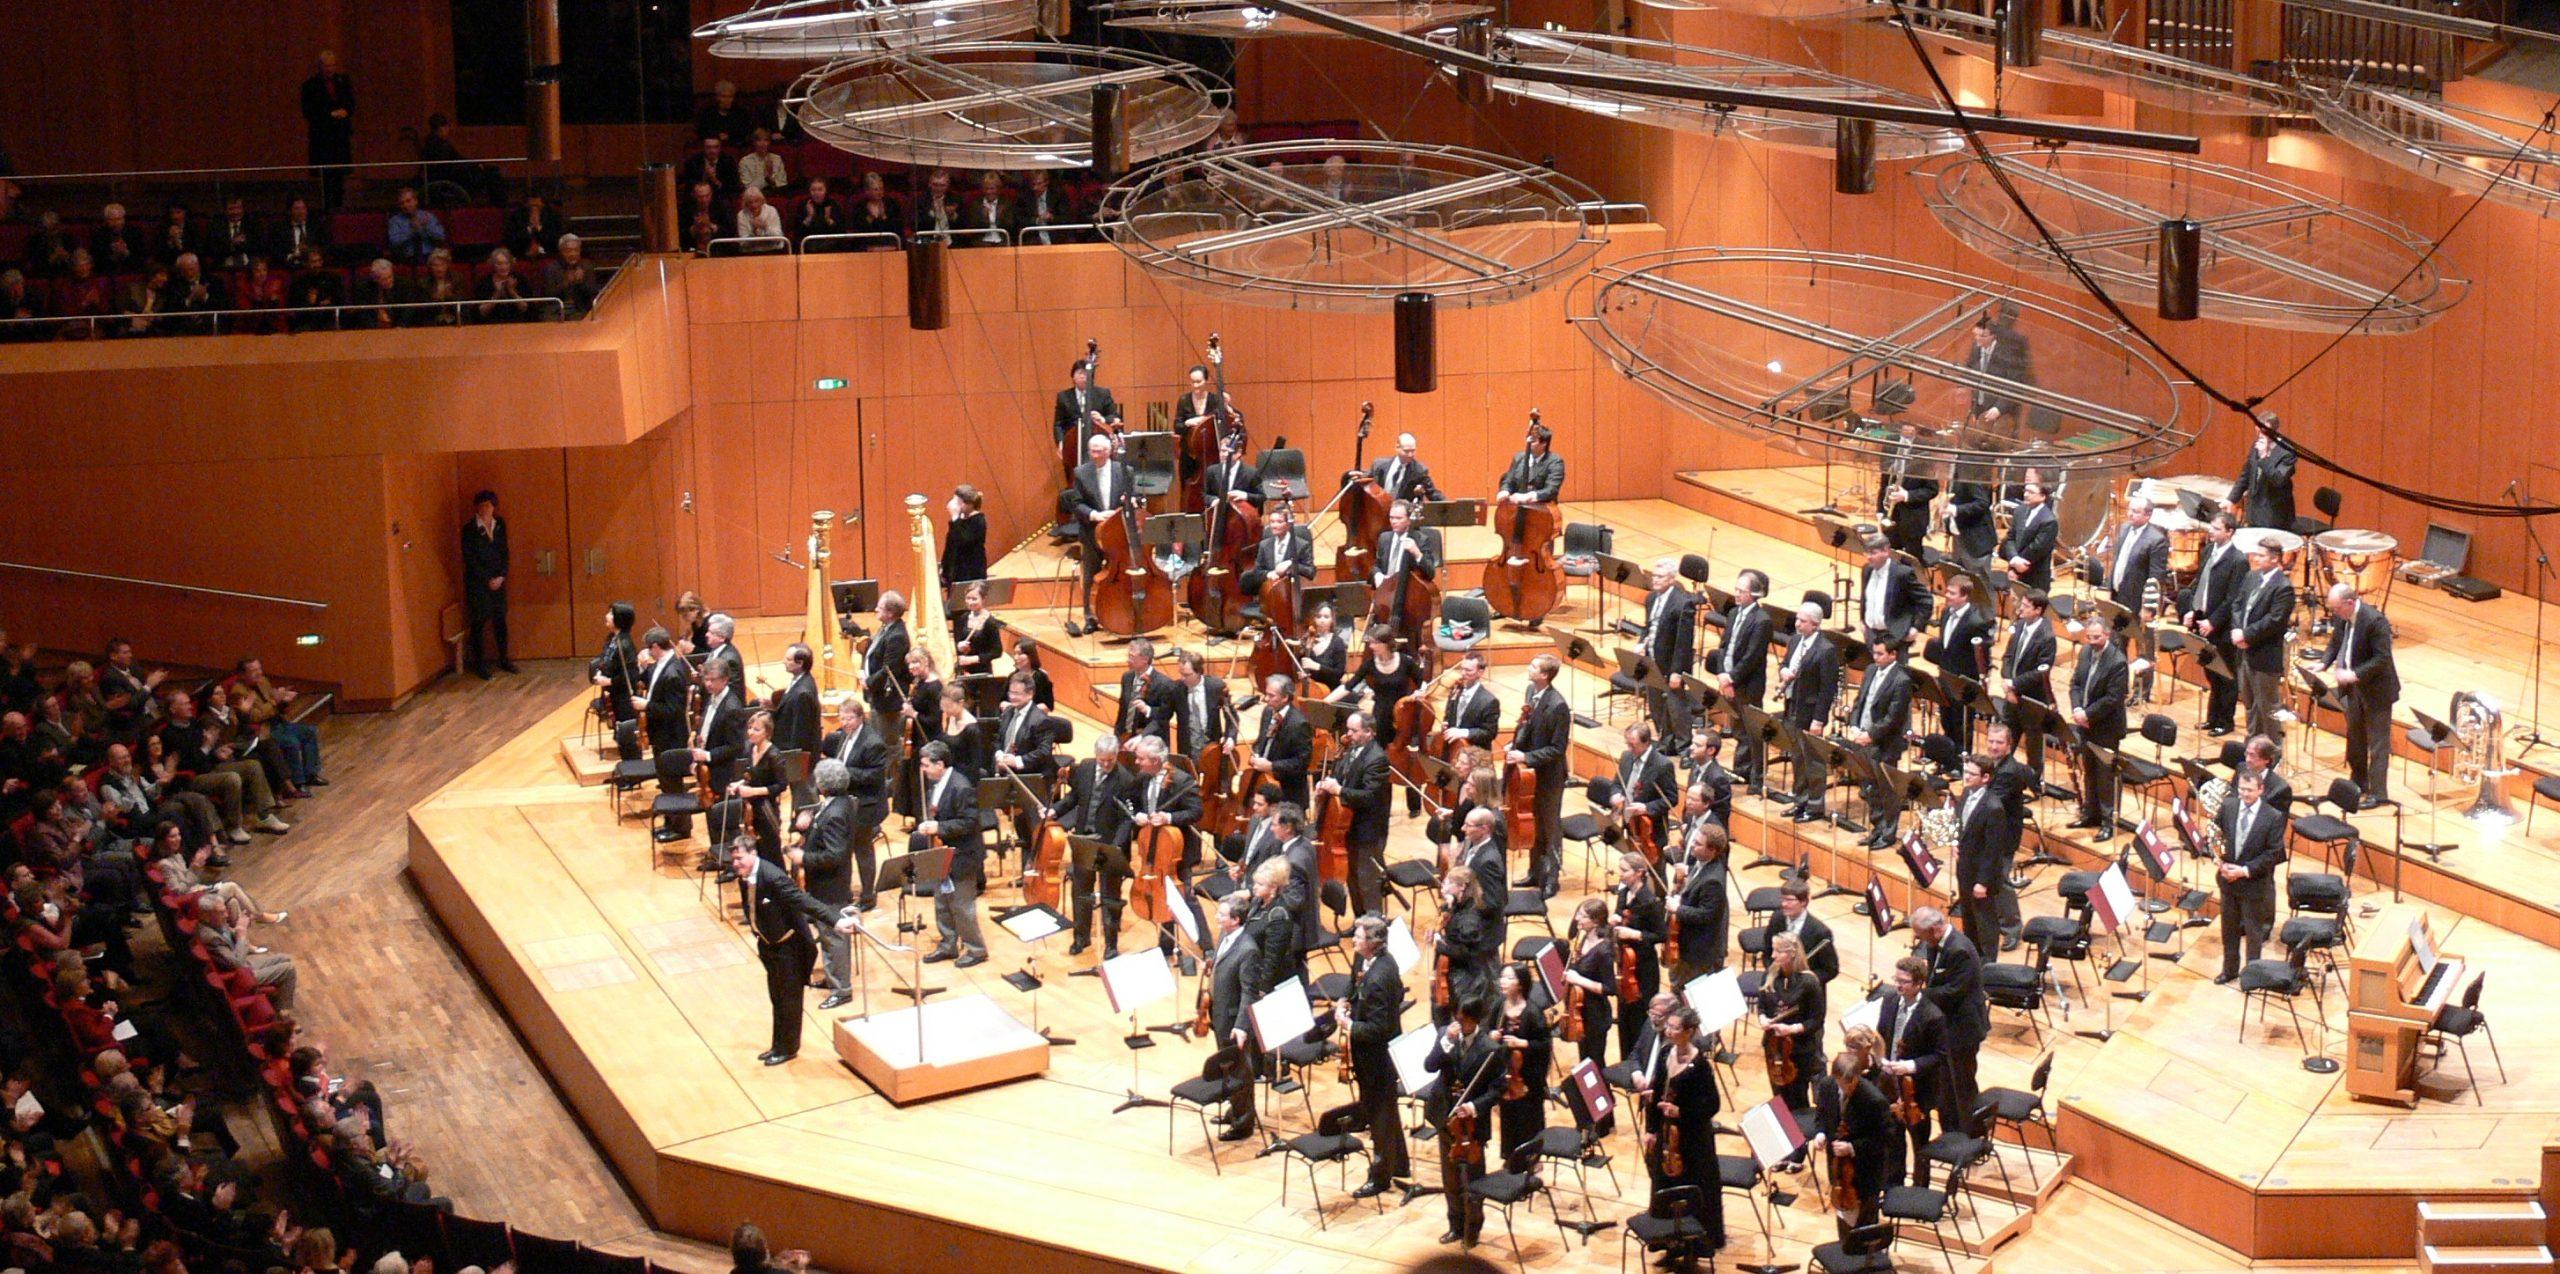 Munchner_Philharmoniker_im_Gasteig-scaled 4 conciertos en Fuerteventura dentro del Festival Internacional de Música de Canarias